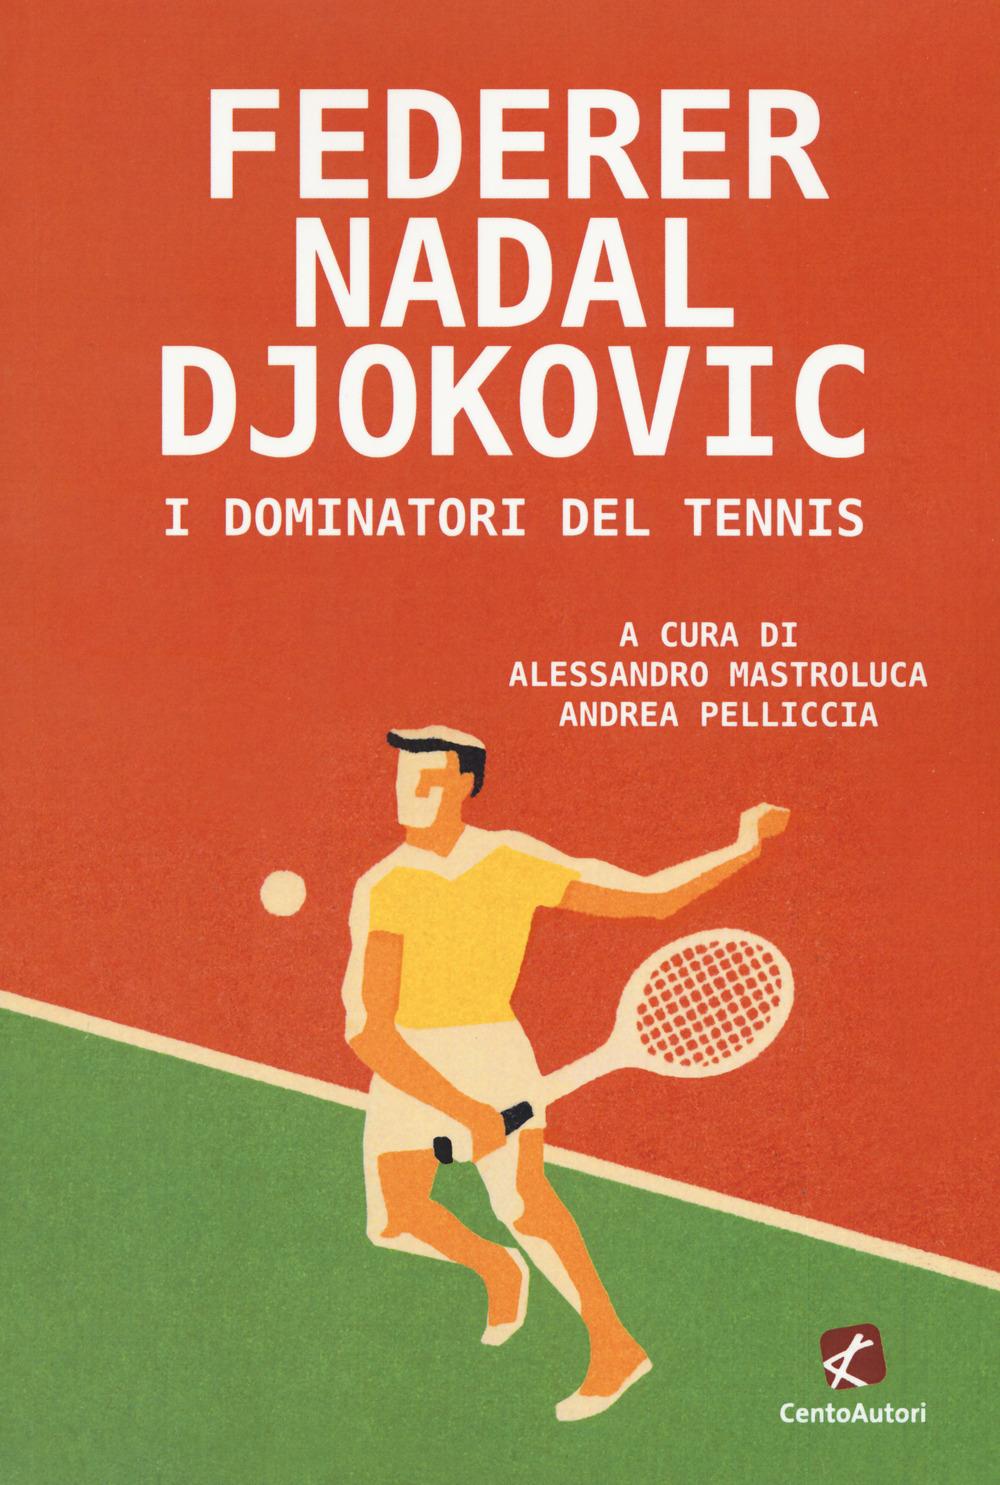 FEDERER NADAL DJOKOVIC. I DOMINATORI DEL TENNIS - 9788868722128